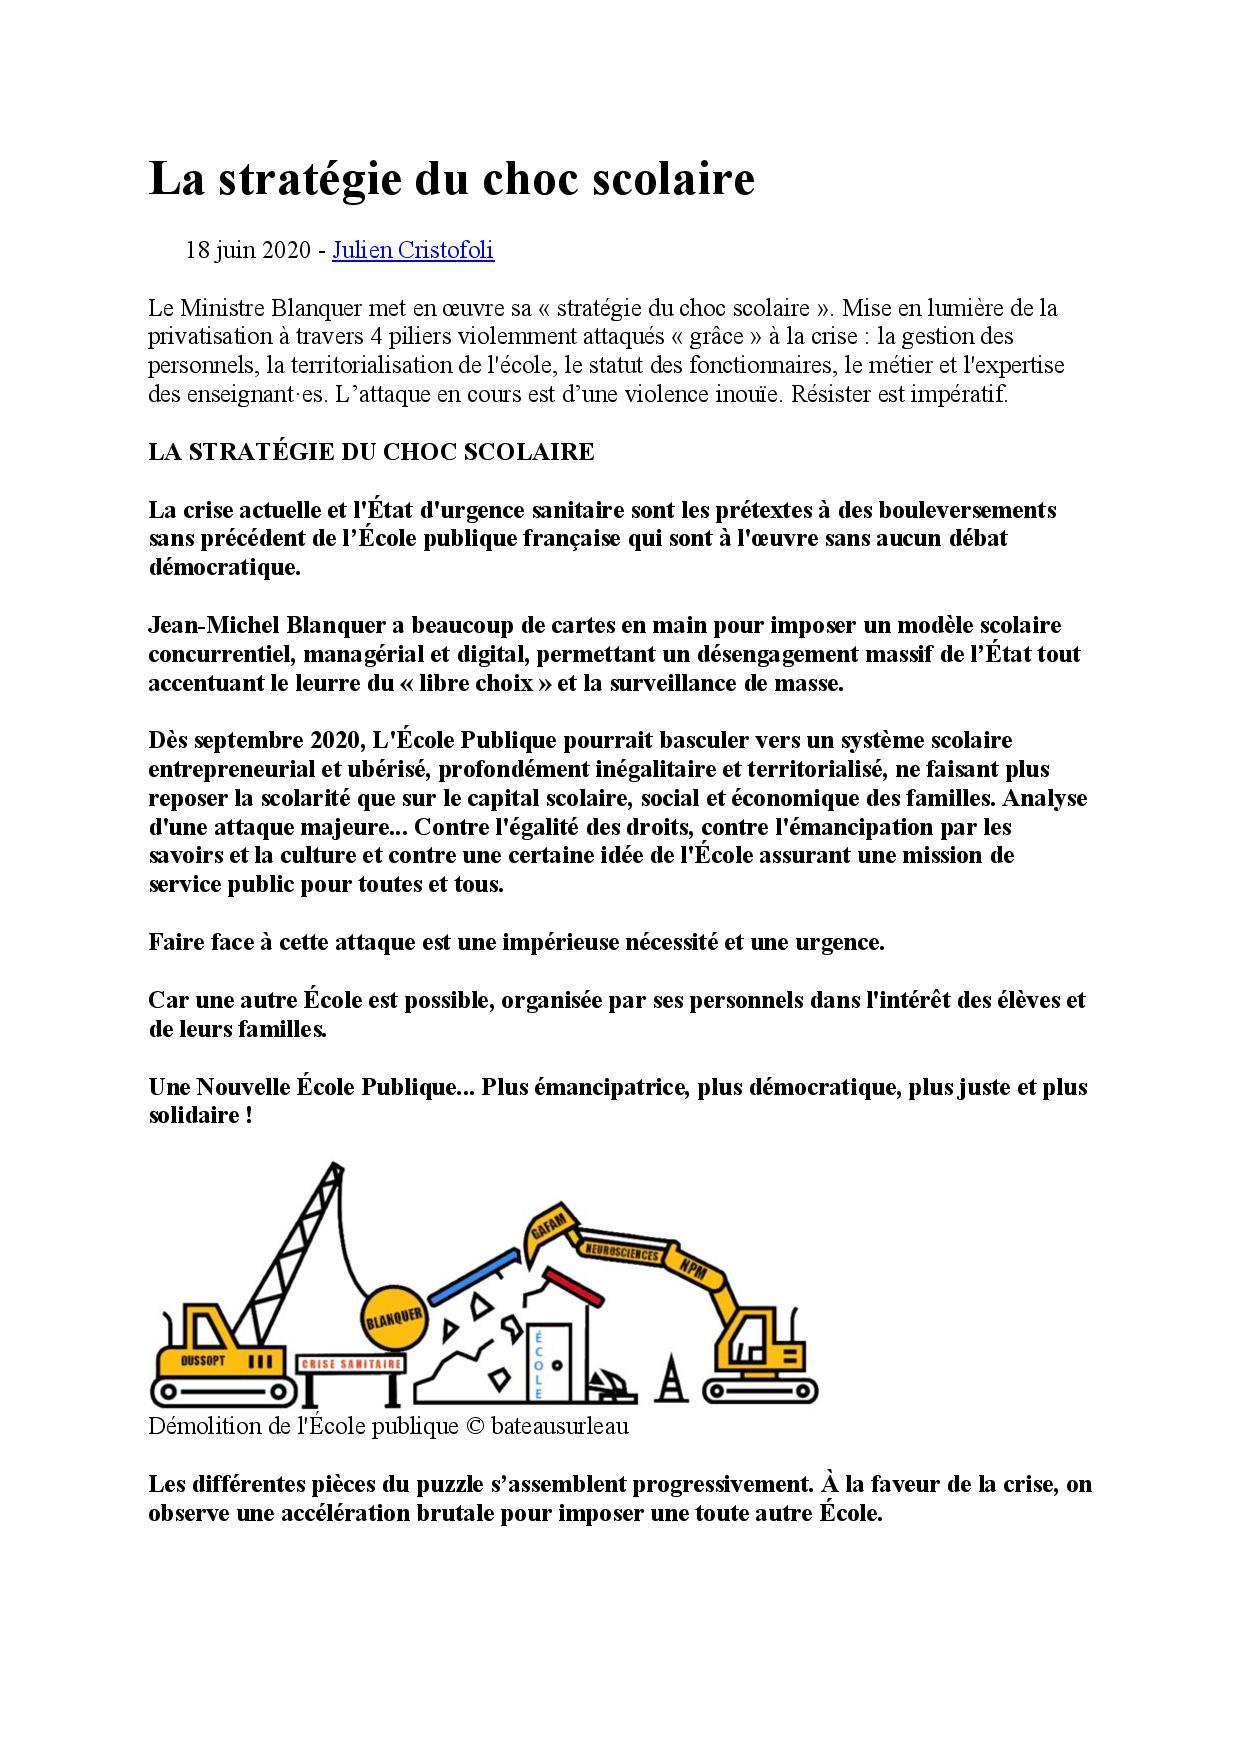 La_stratégie_du_choc_scolaire-page-001.jpg